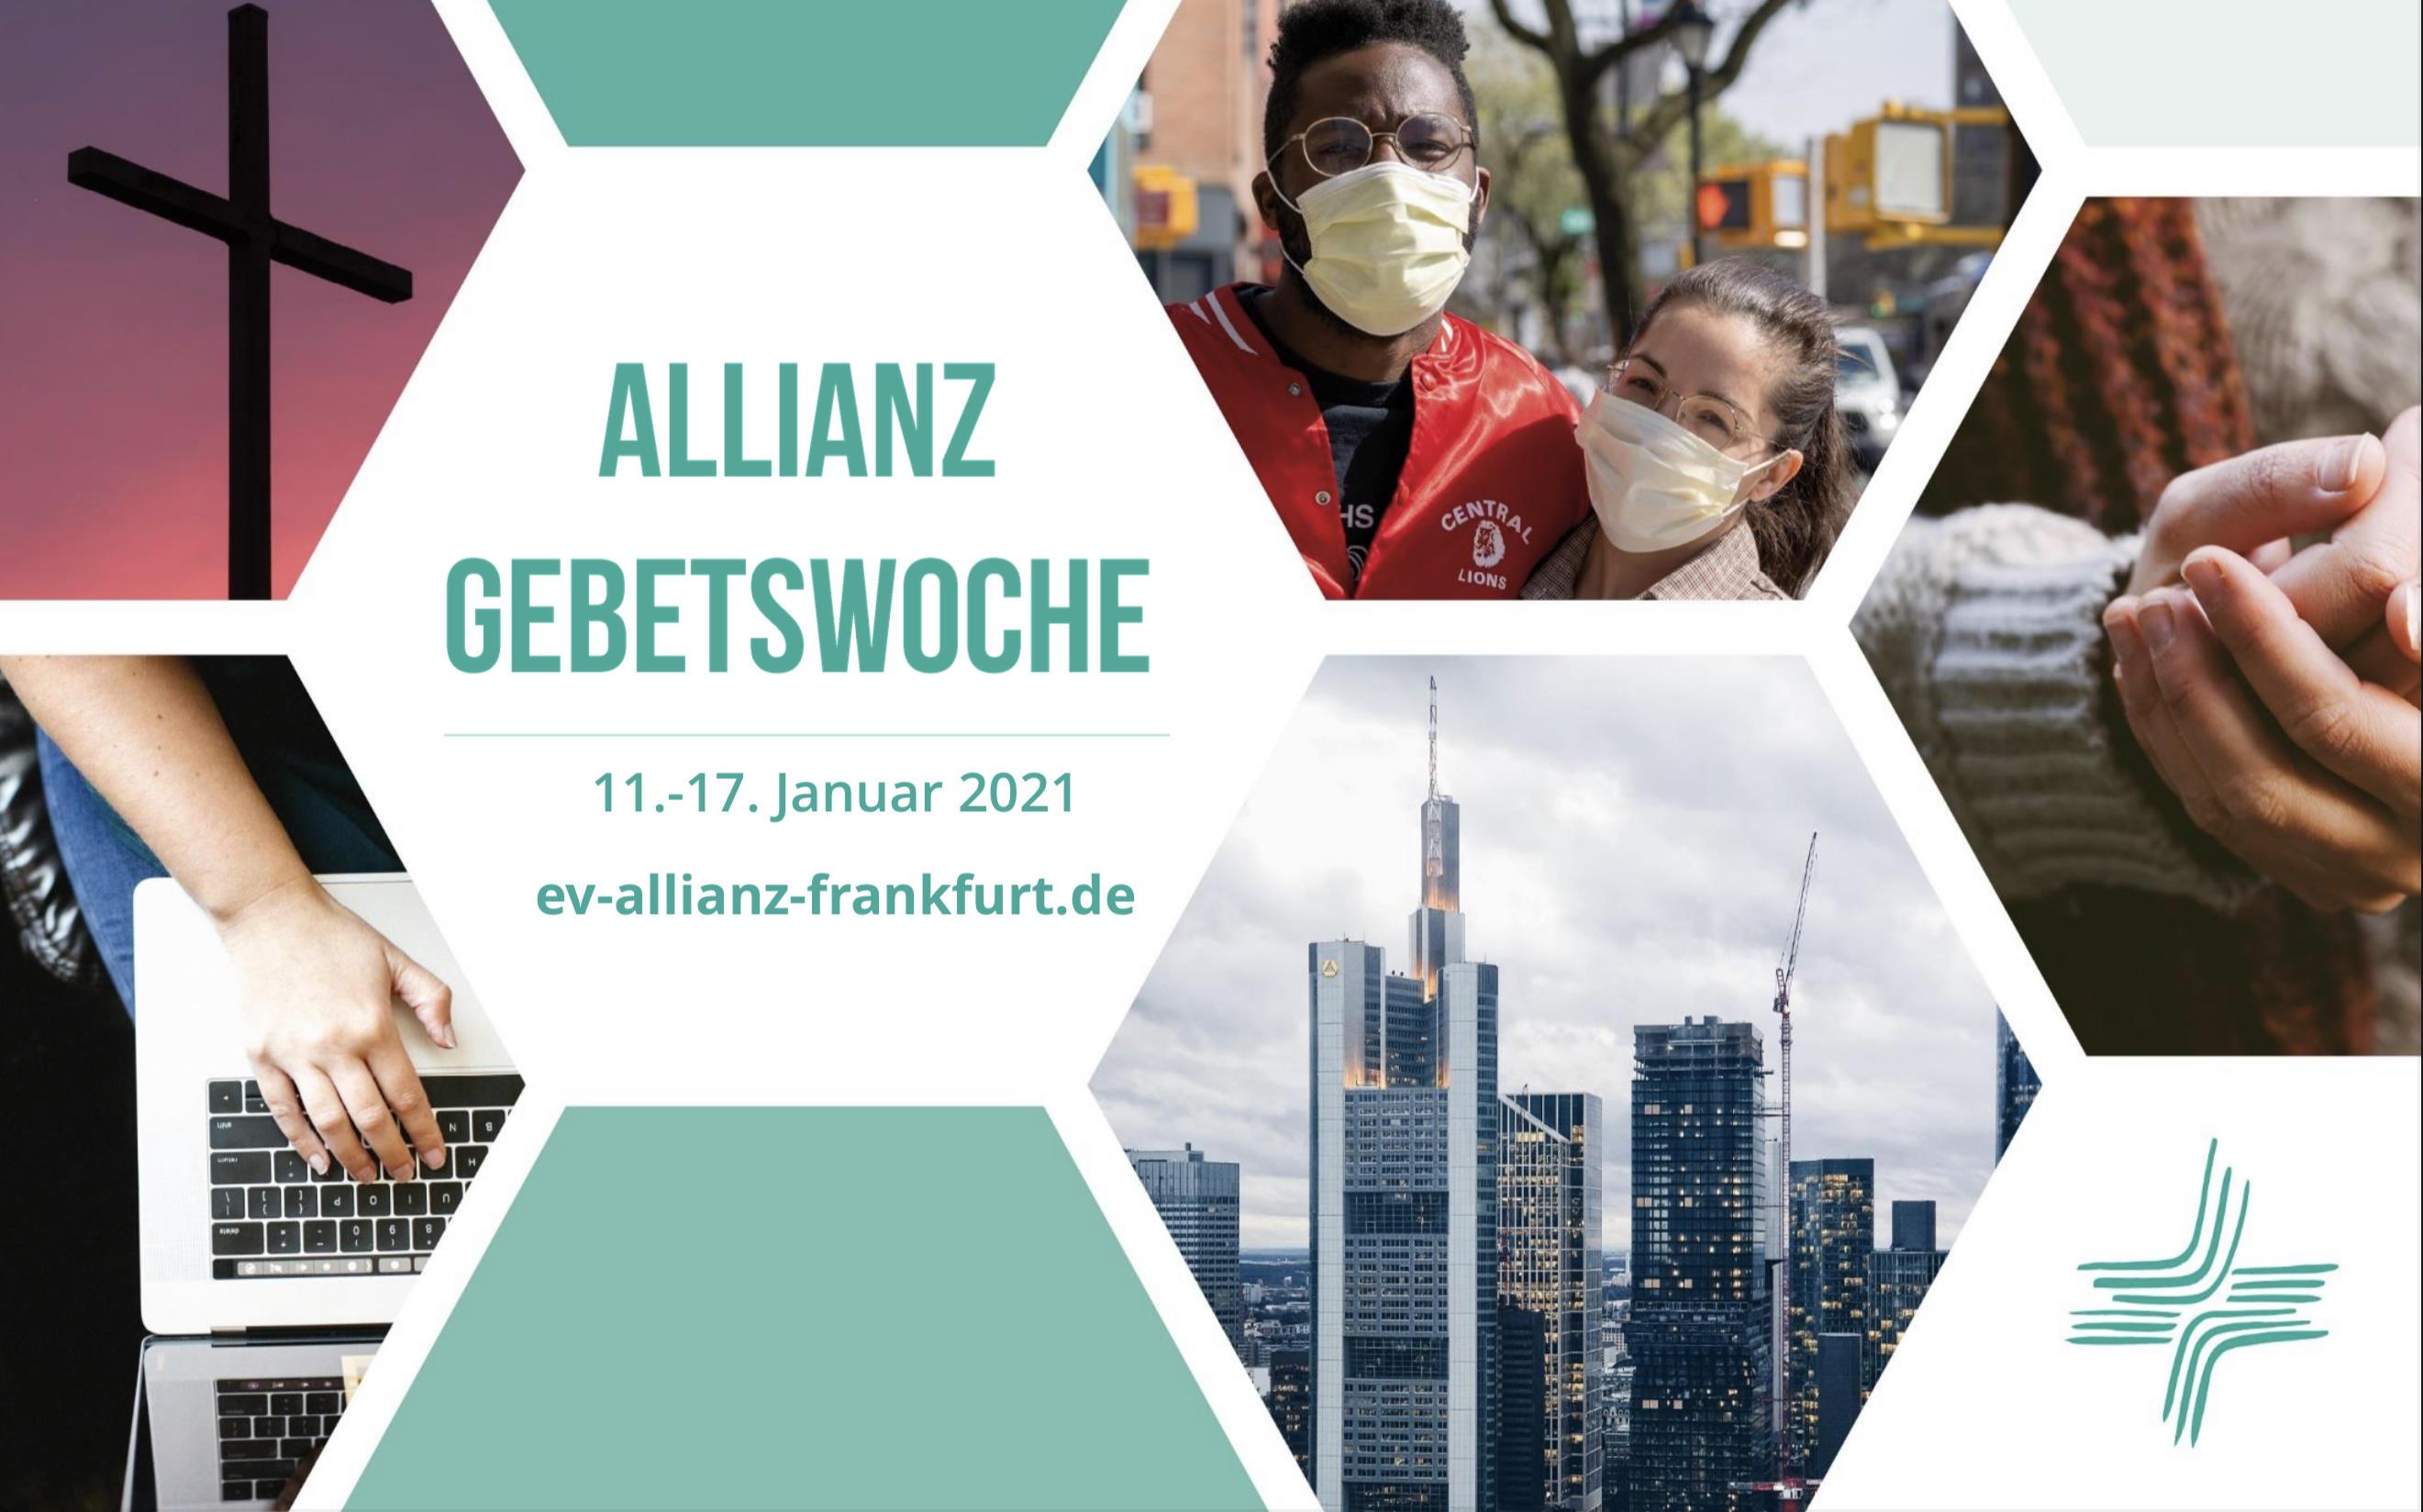 http://www.cvjm-frankfurt.de/blog/3BA108D0-F643-4E16-9997-442720F13DF8.jpeg